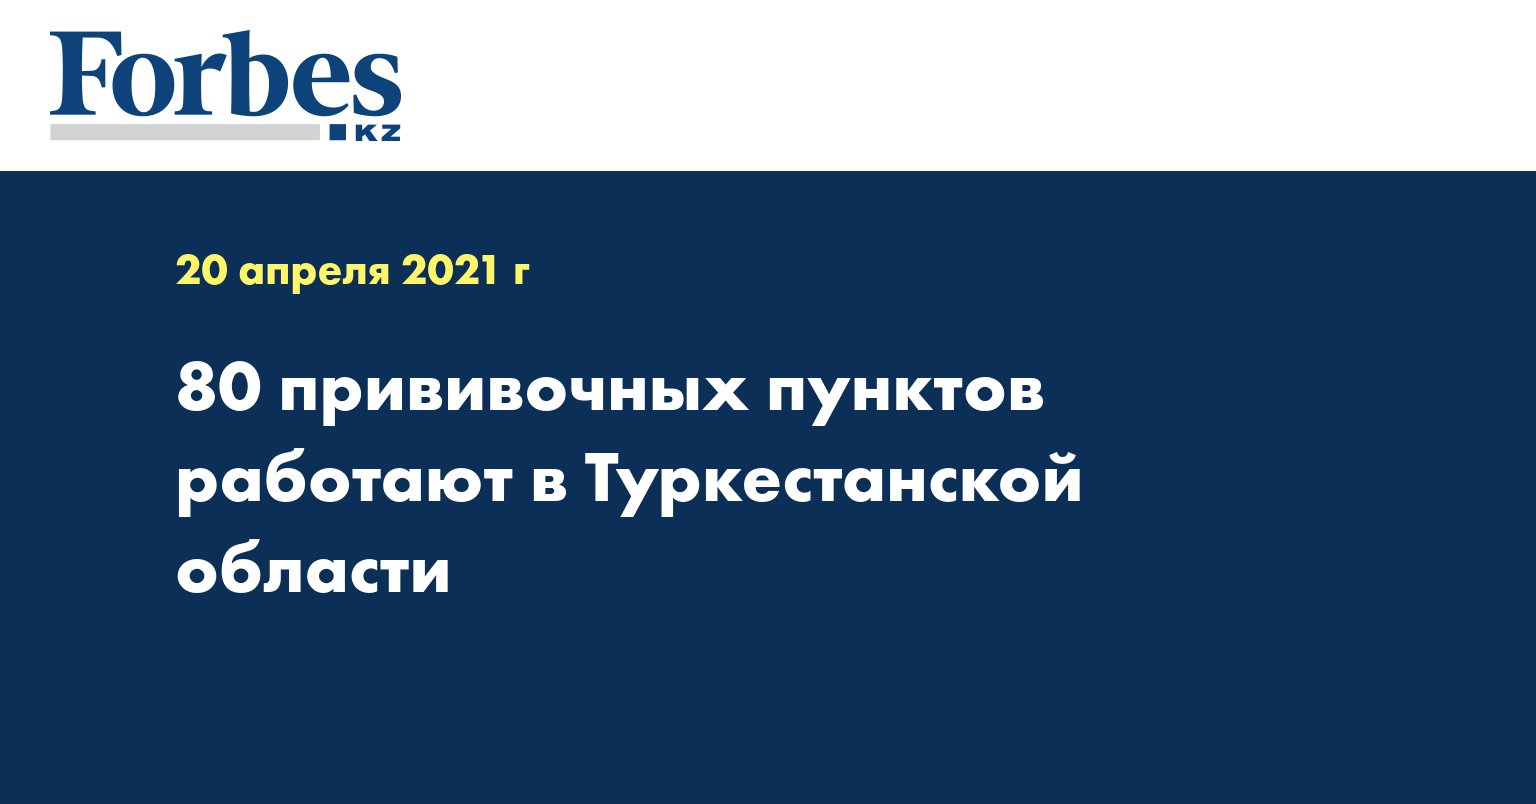 80 прививочных пунктов работают в Туркестанской области